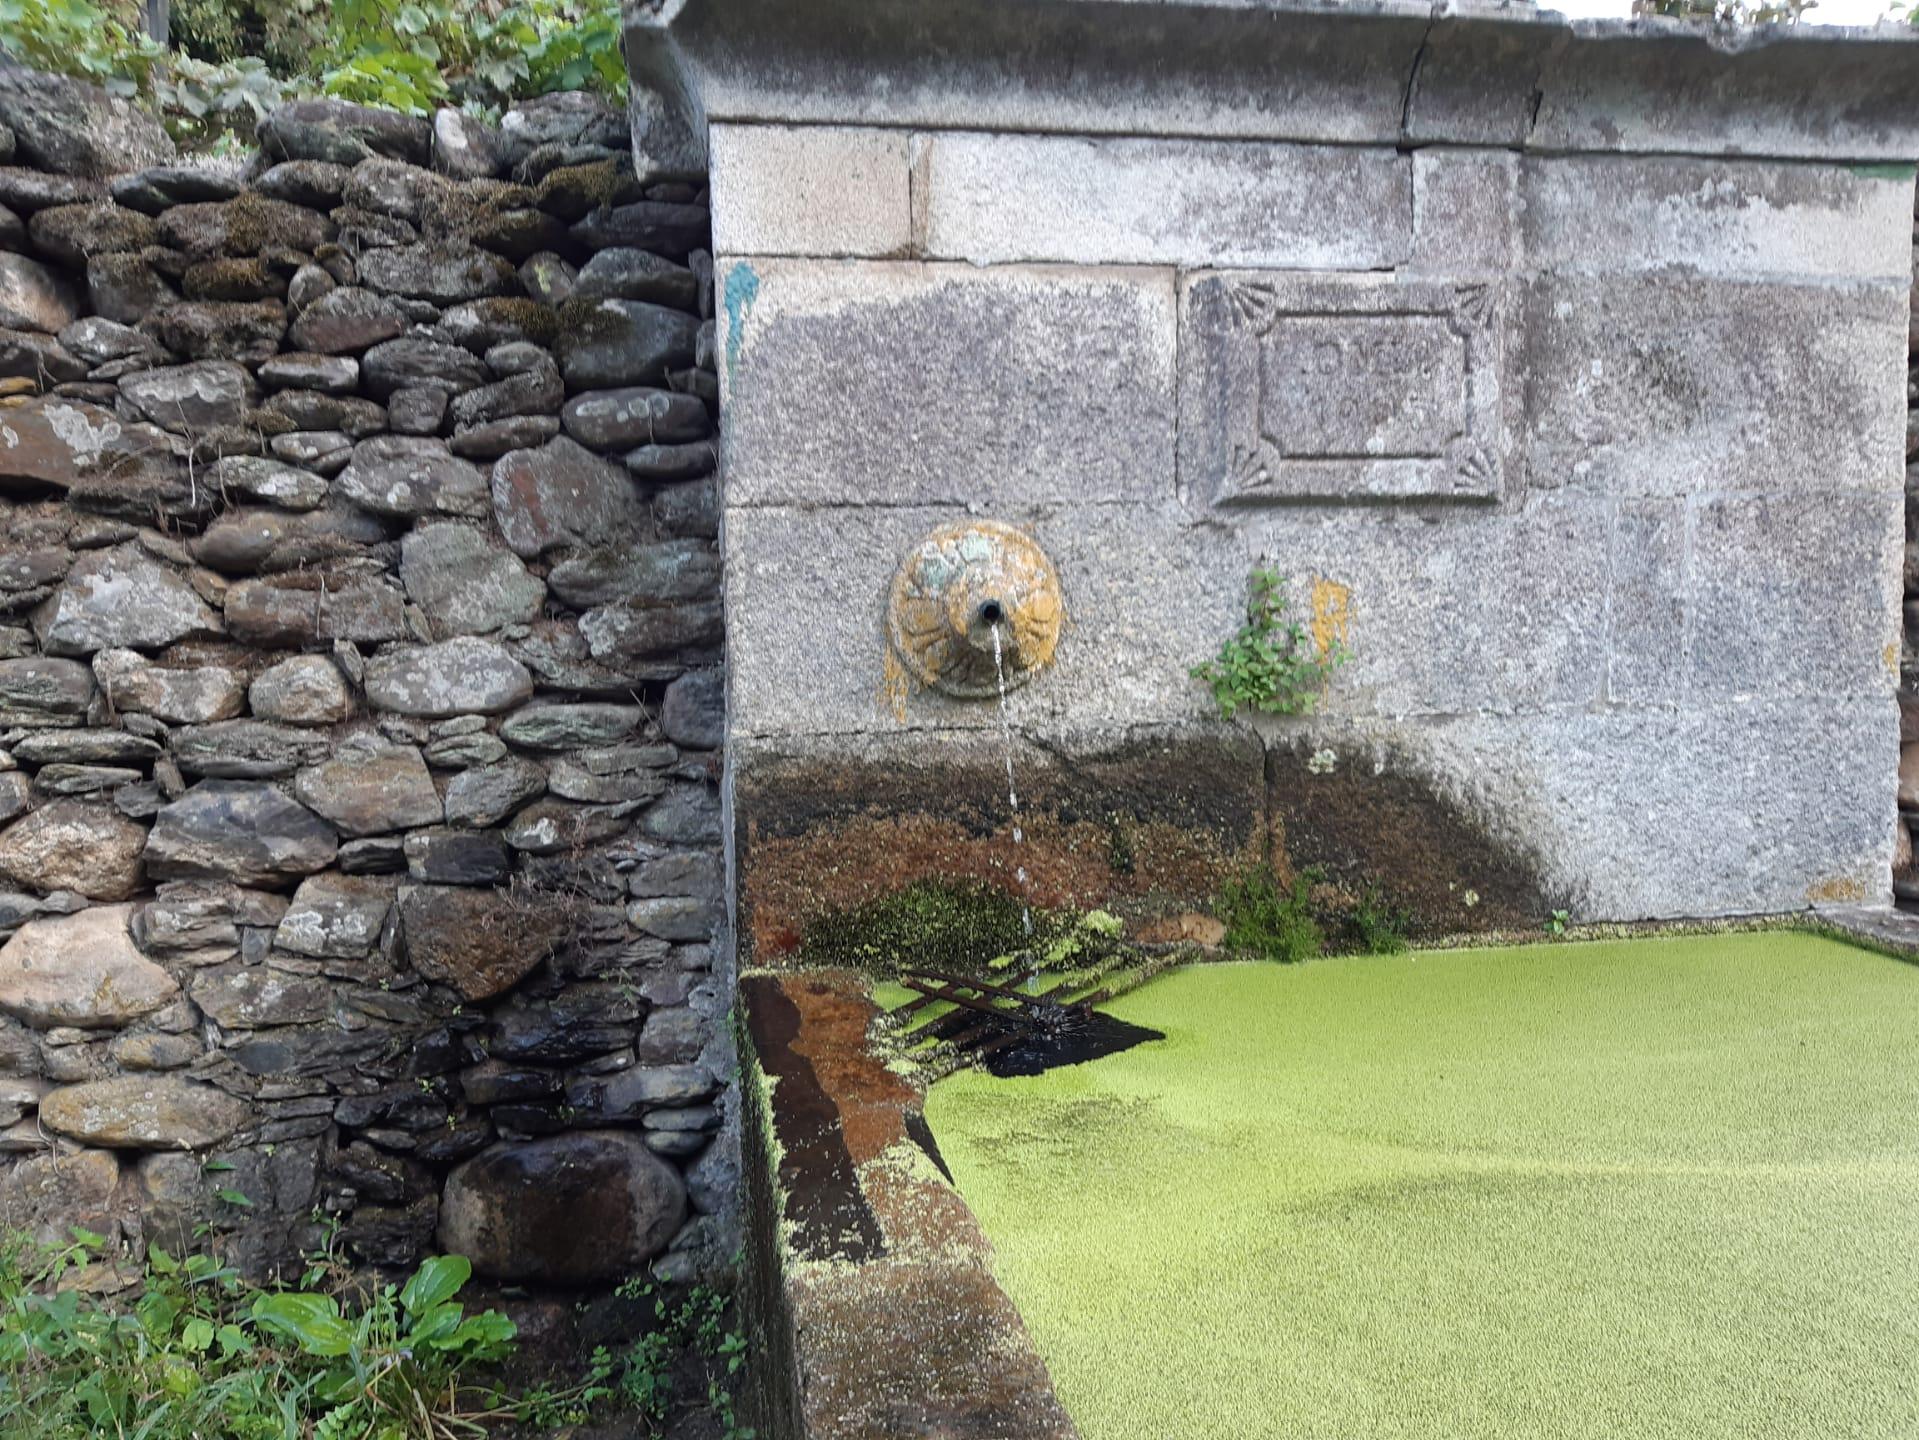 Habitantes de Sampaio, distrito de Viseu, continuam sem água potável